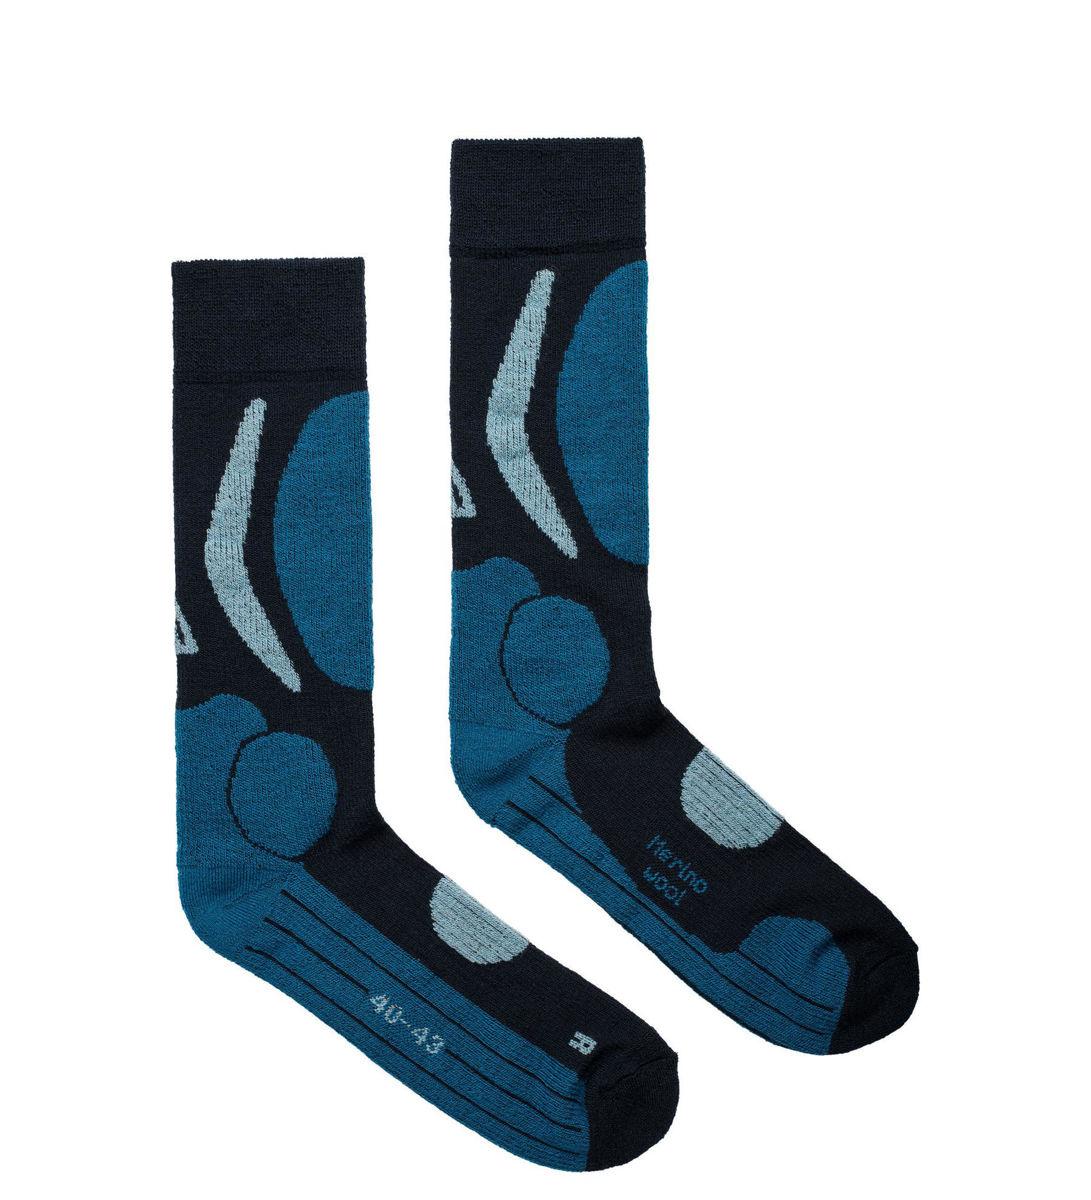 Bilde av Cross-country Socks